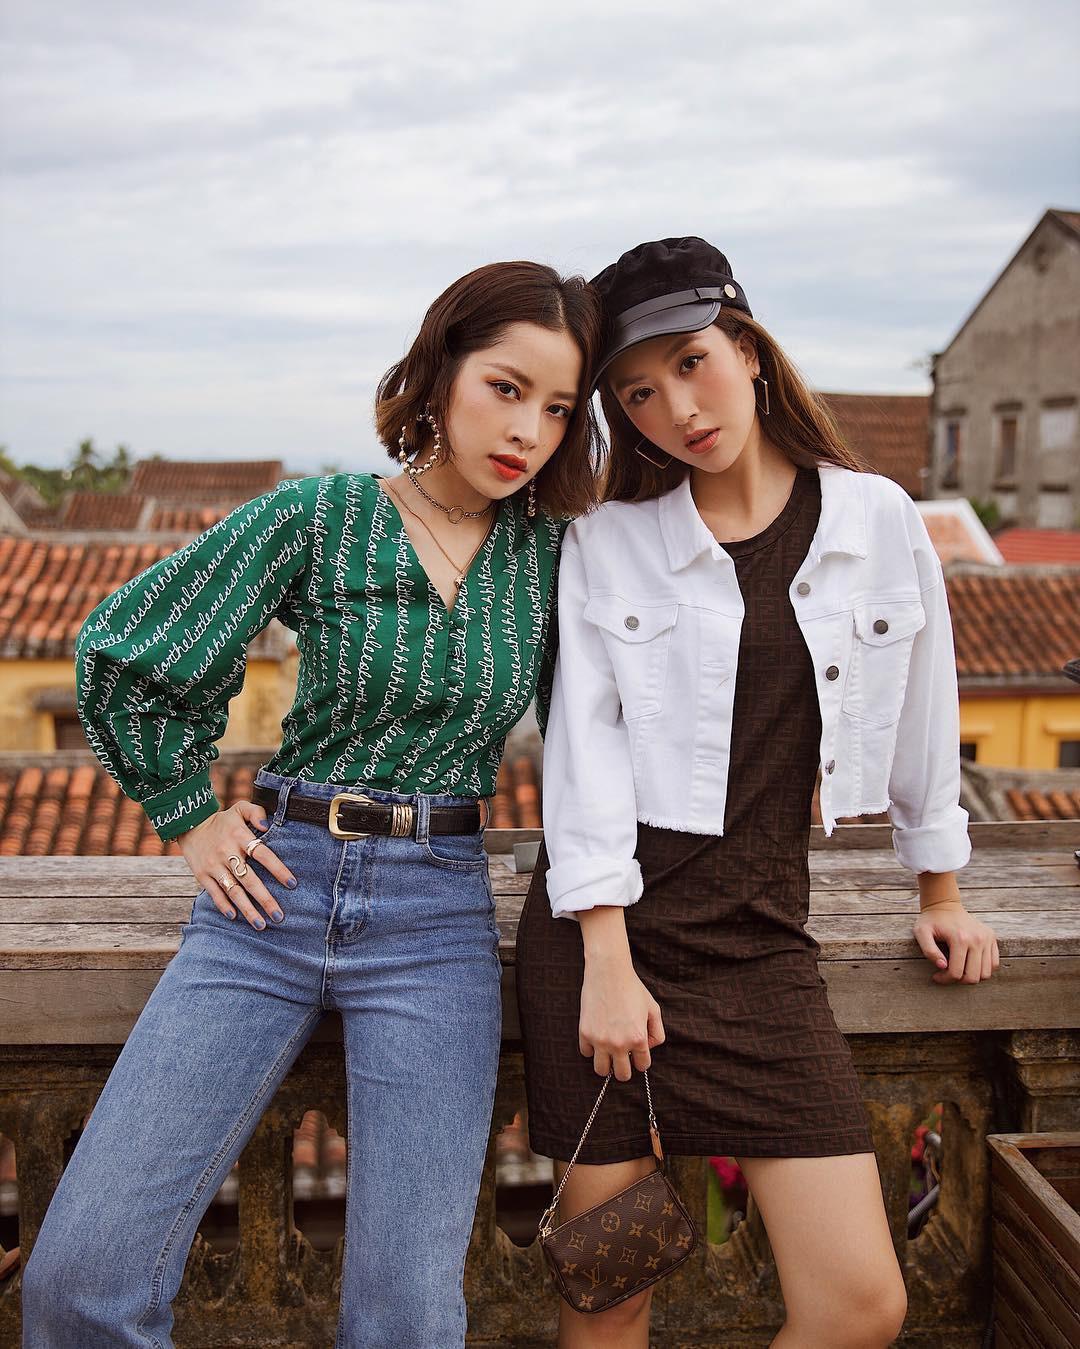 Dù đi theo những phong cách và định hướng khác nhau nhưng Chi Pu và Quỳnh Anh Shyn vẫn đôi lần trông không khác gì chị em.